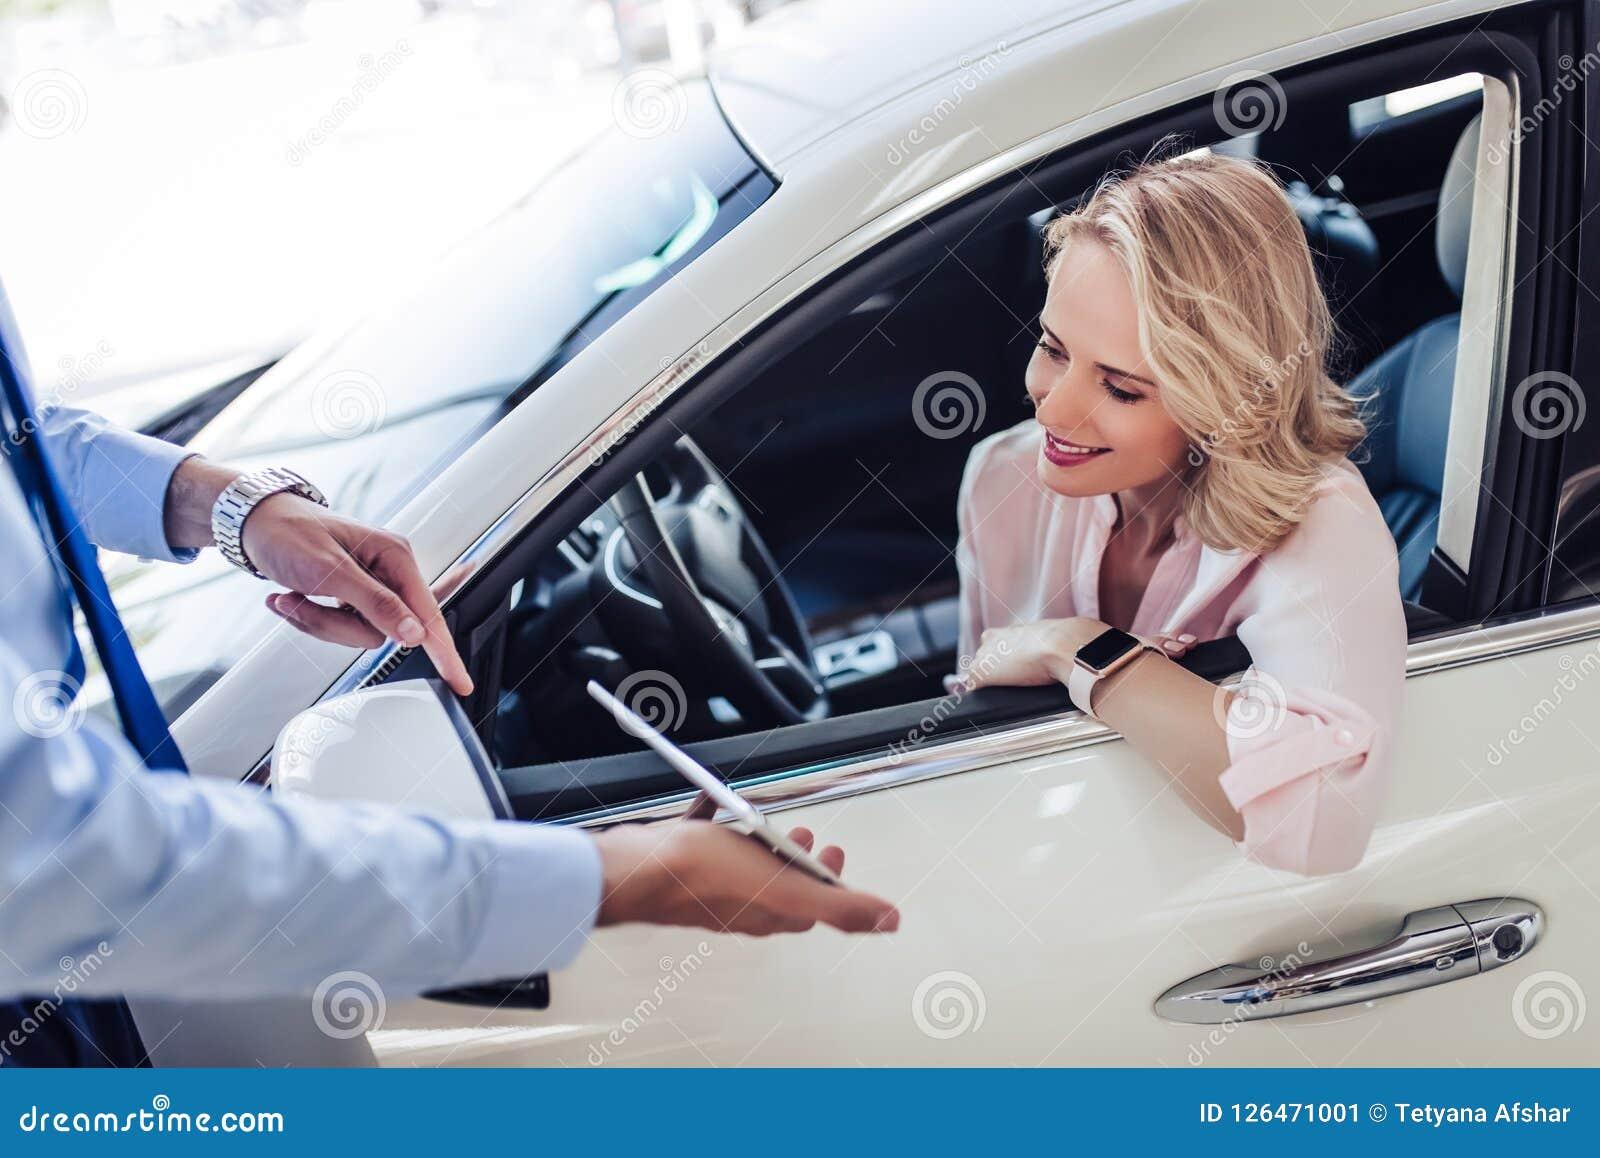 Πωλητής που παρουσιάζει στη γυναίκα κάτι στην ψηφιακή ταμπλέτα